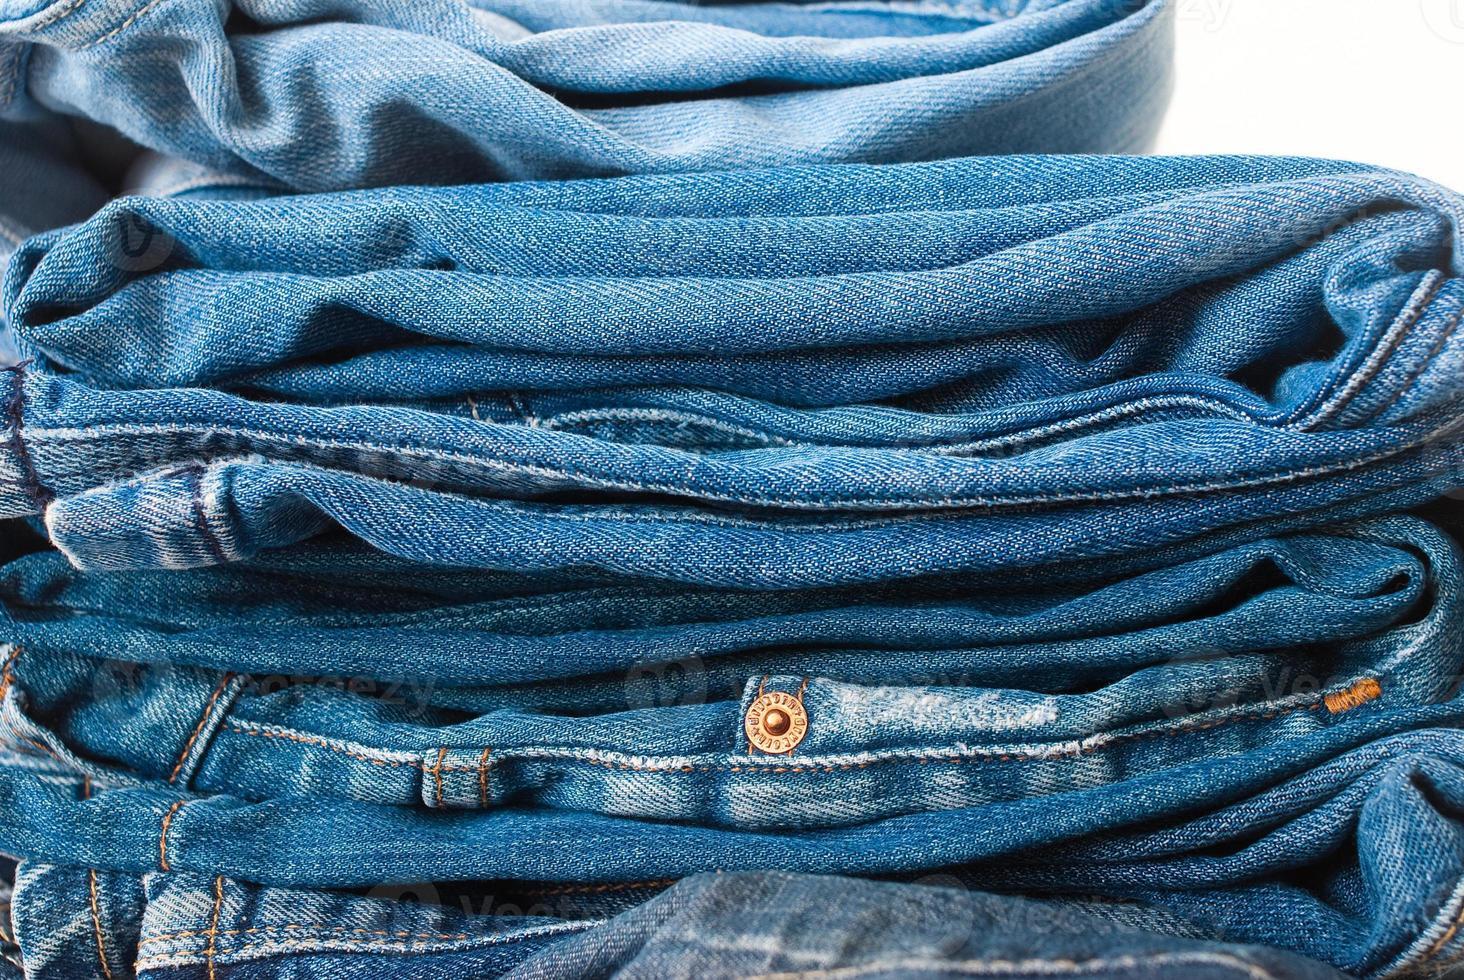 jeans empilhados sobre um fundo branco - estúdio tiro foto